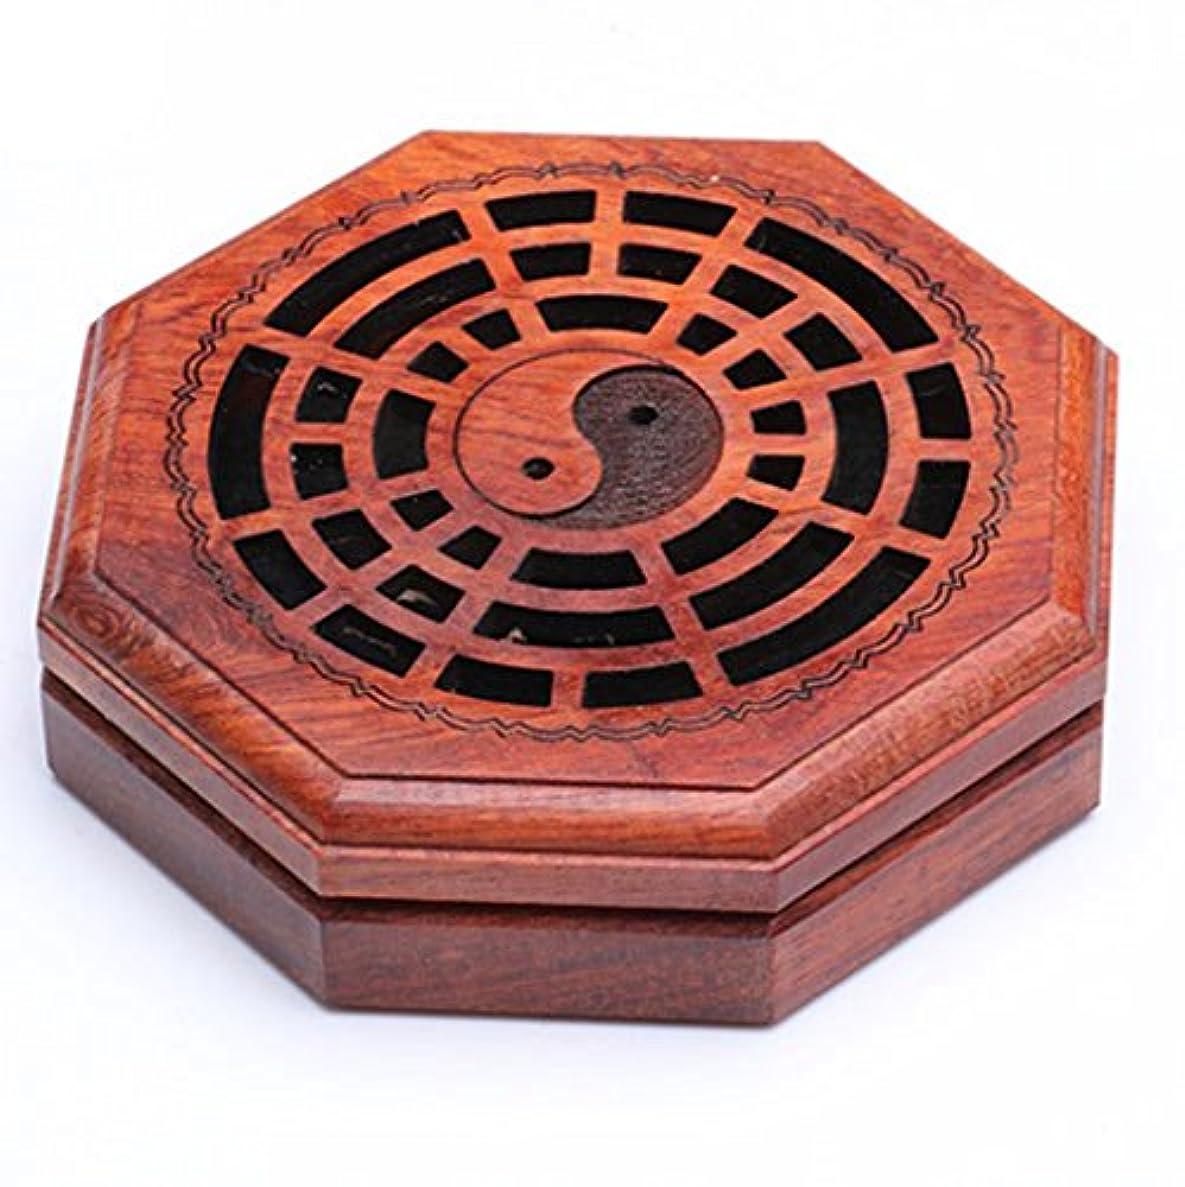 荒廃する腹義務づける(ラシューバー) Lasuiveur 香炉 線香立て 香立て 職人さんの手作り 茶道用品 おしゃれ  木製 透かし彫り